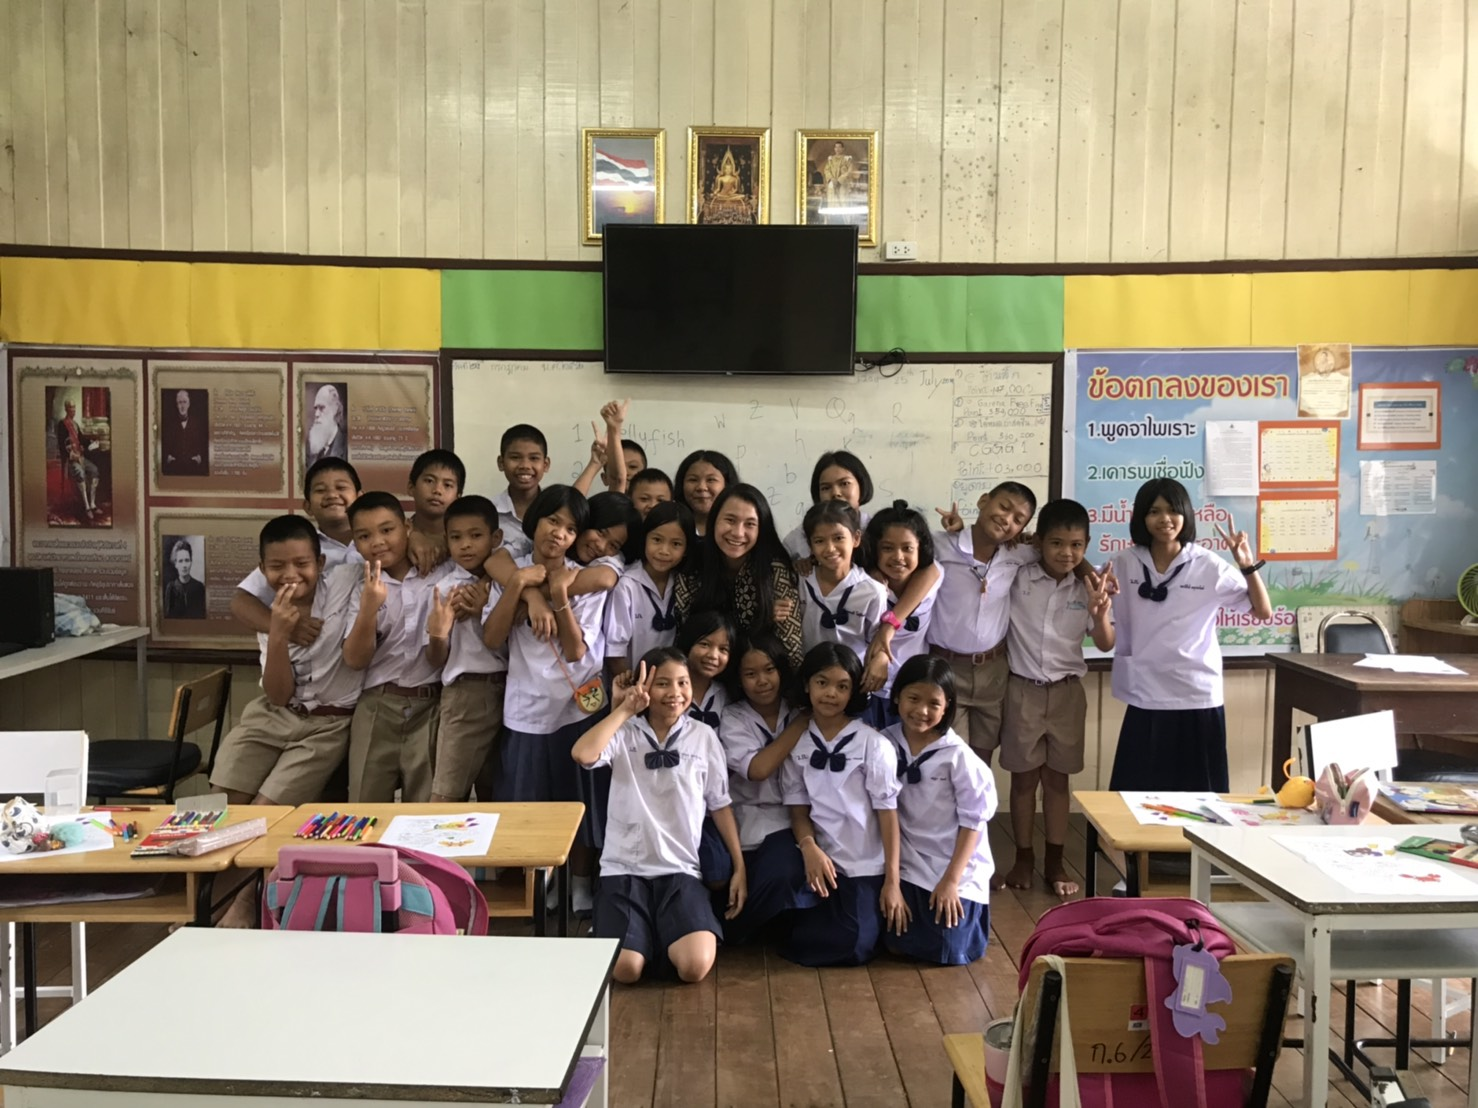 Flo bersama siswa-siswa SD di Ban Na, Nakhon Nayok, Thailand setelah kelas berakhir.